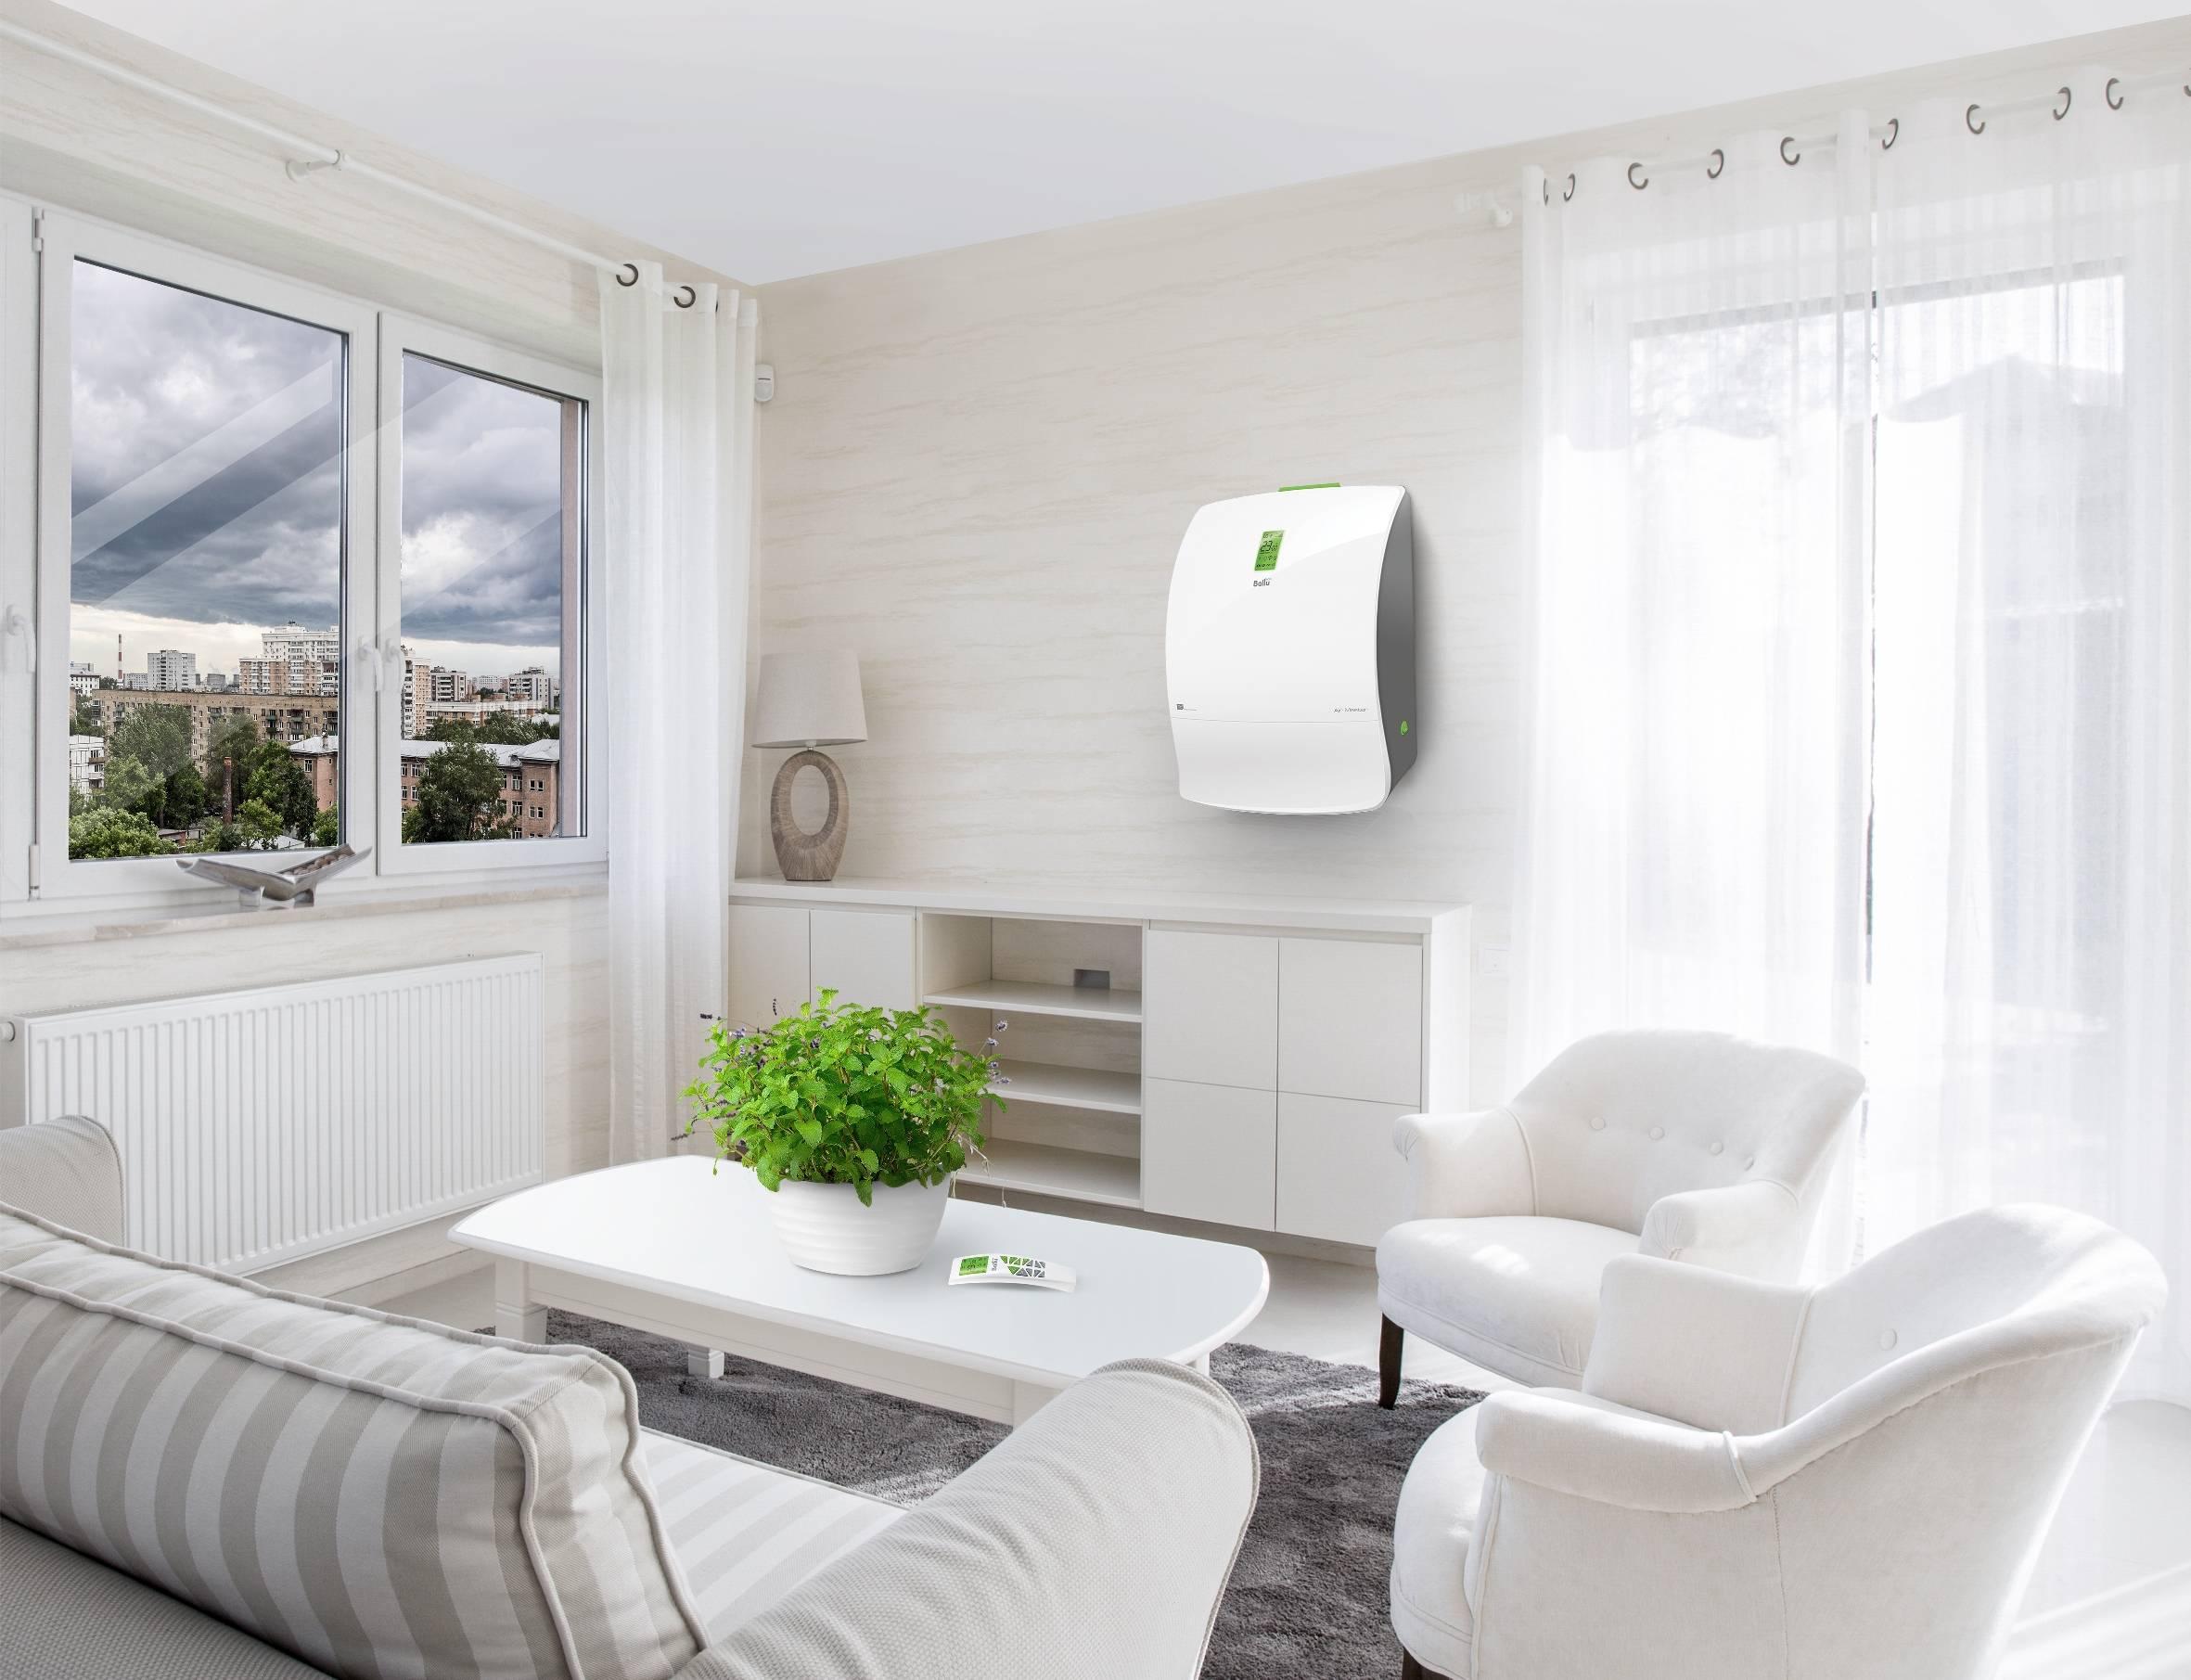 Как выбрать сплит систему для квартиры и дома по квадратуре и мощности